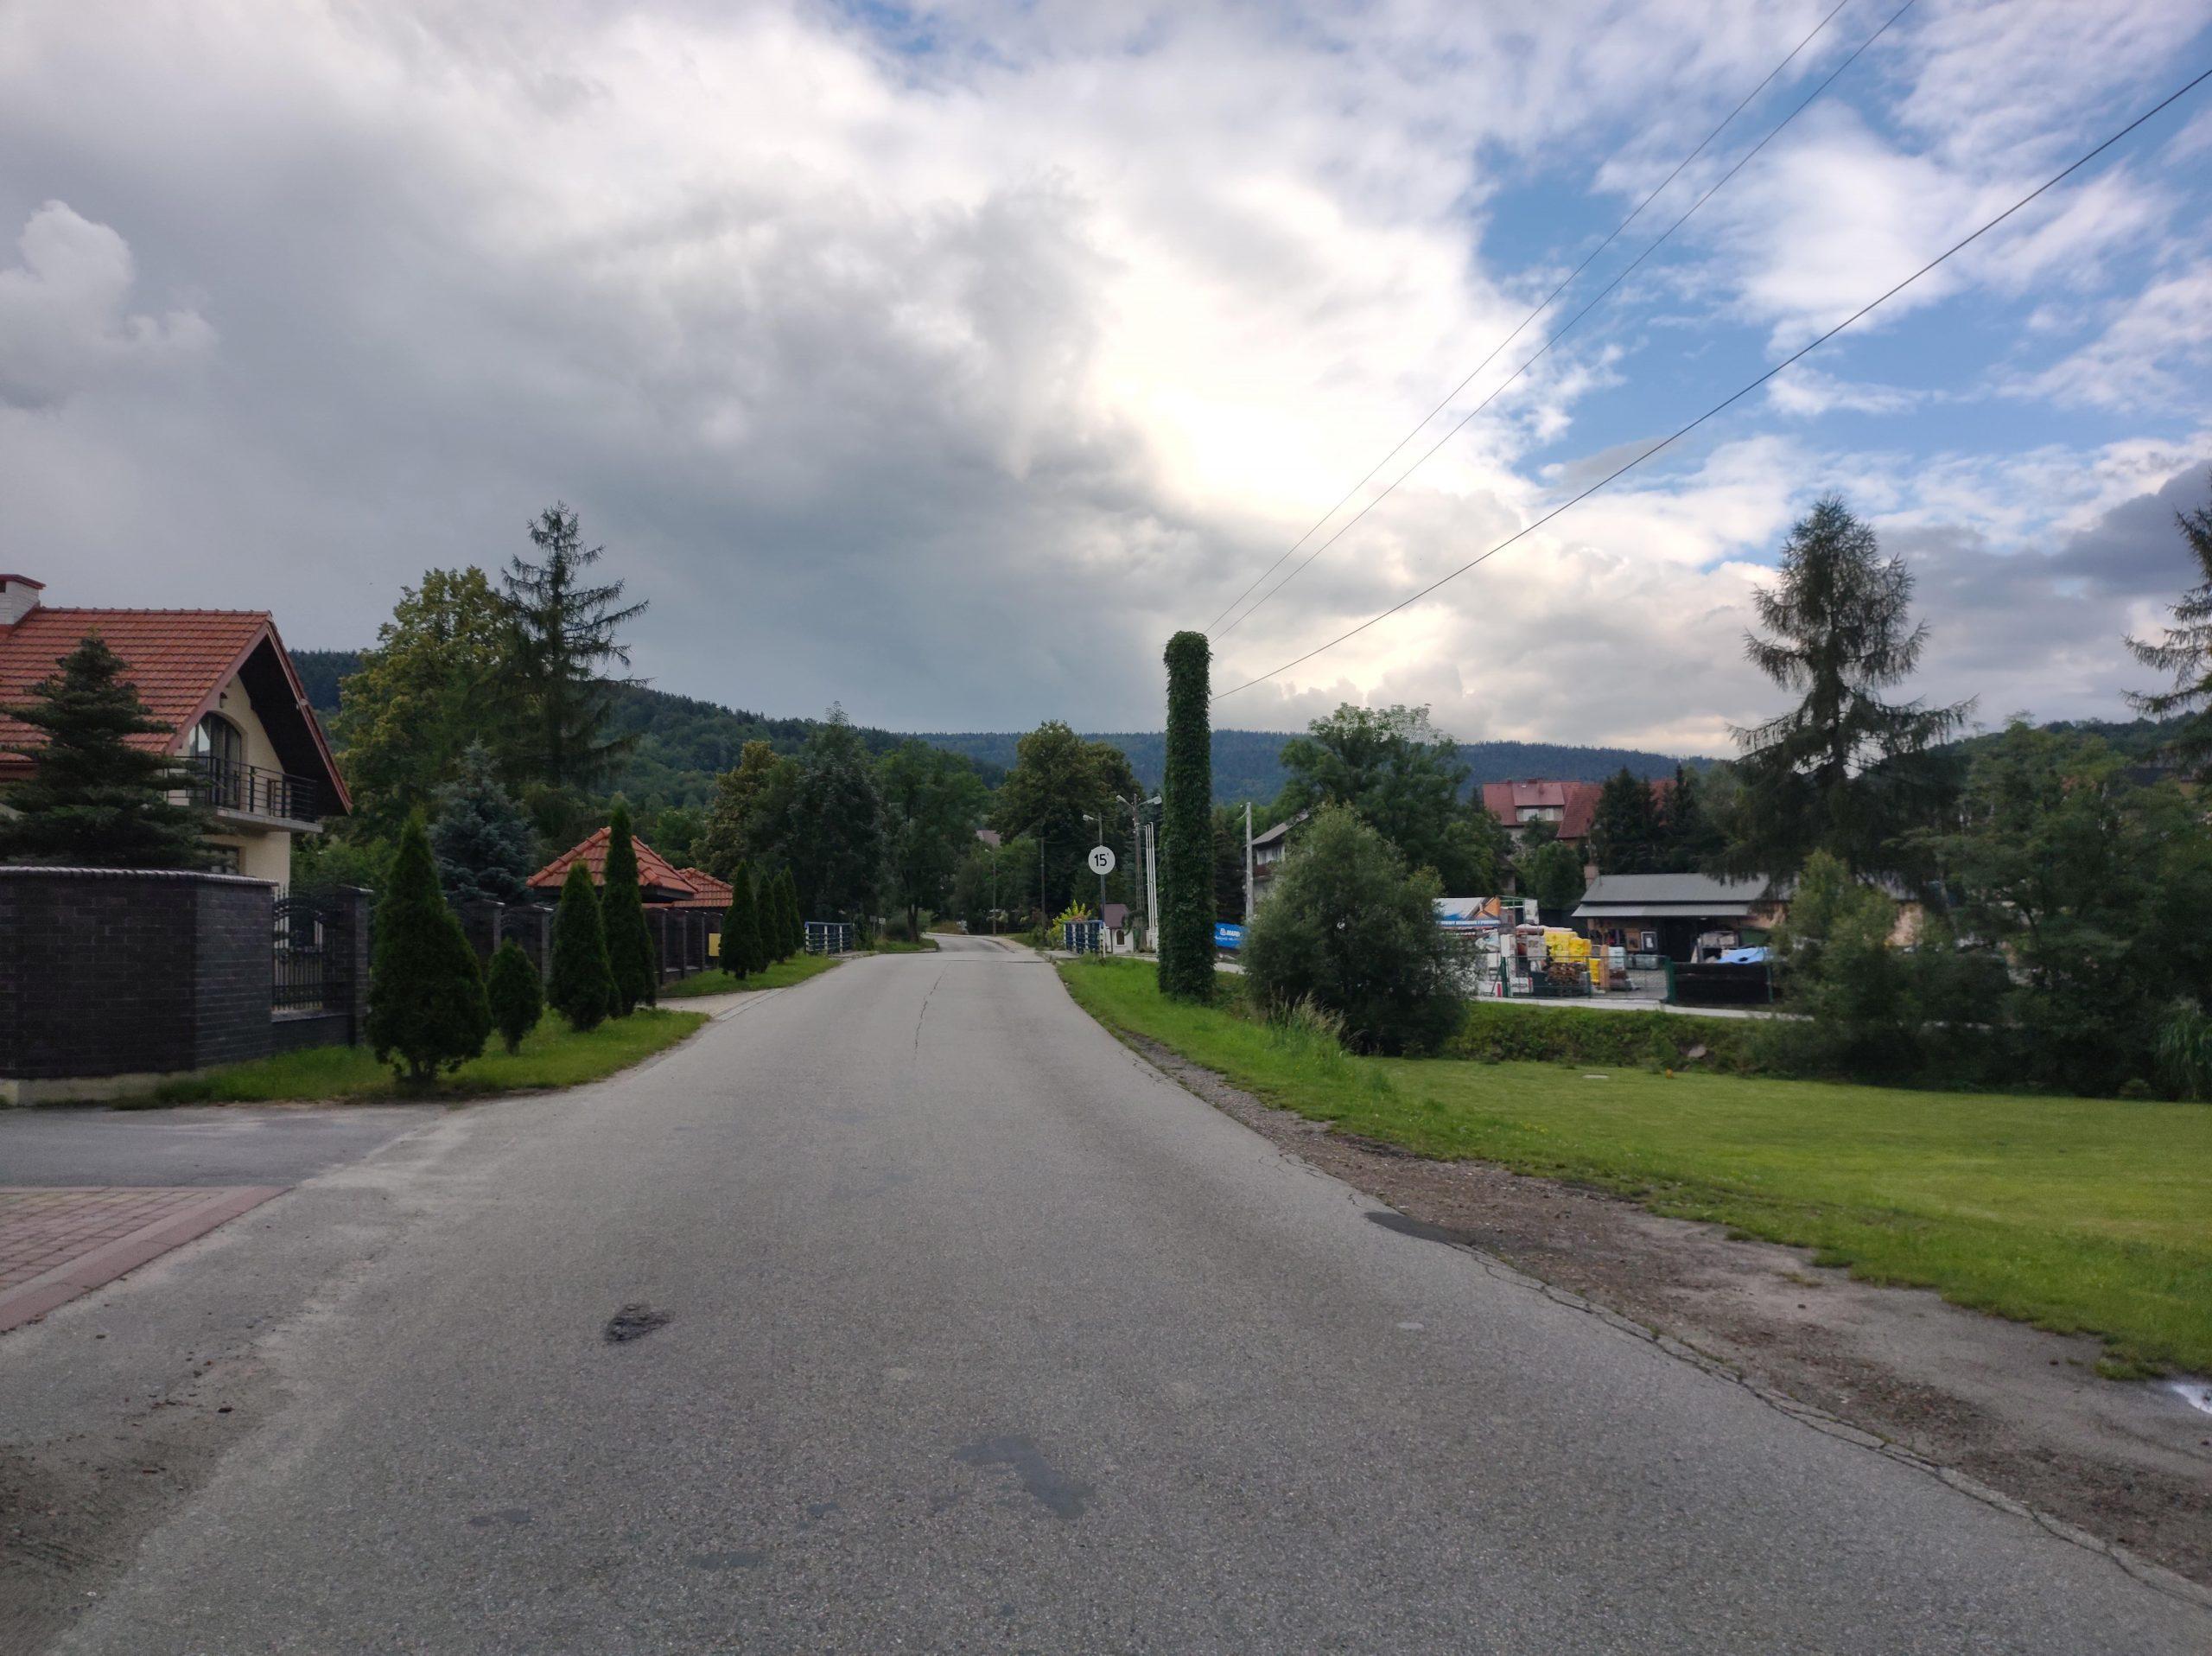 droga, wieś, domy, niebo, tuje zdjęcie wykonane motorolą edge